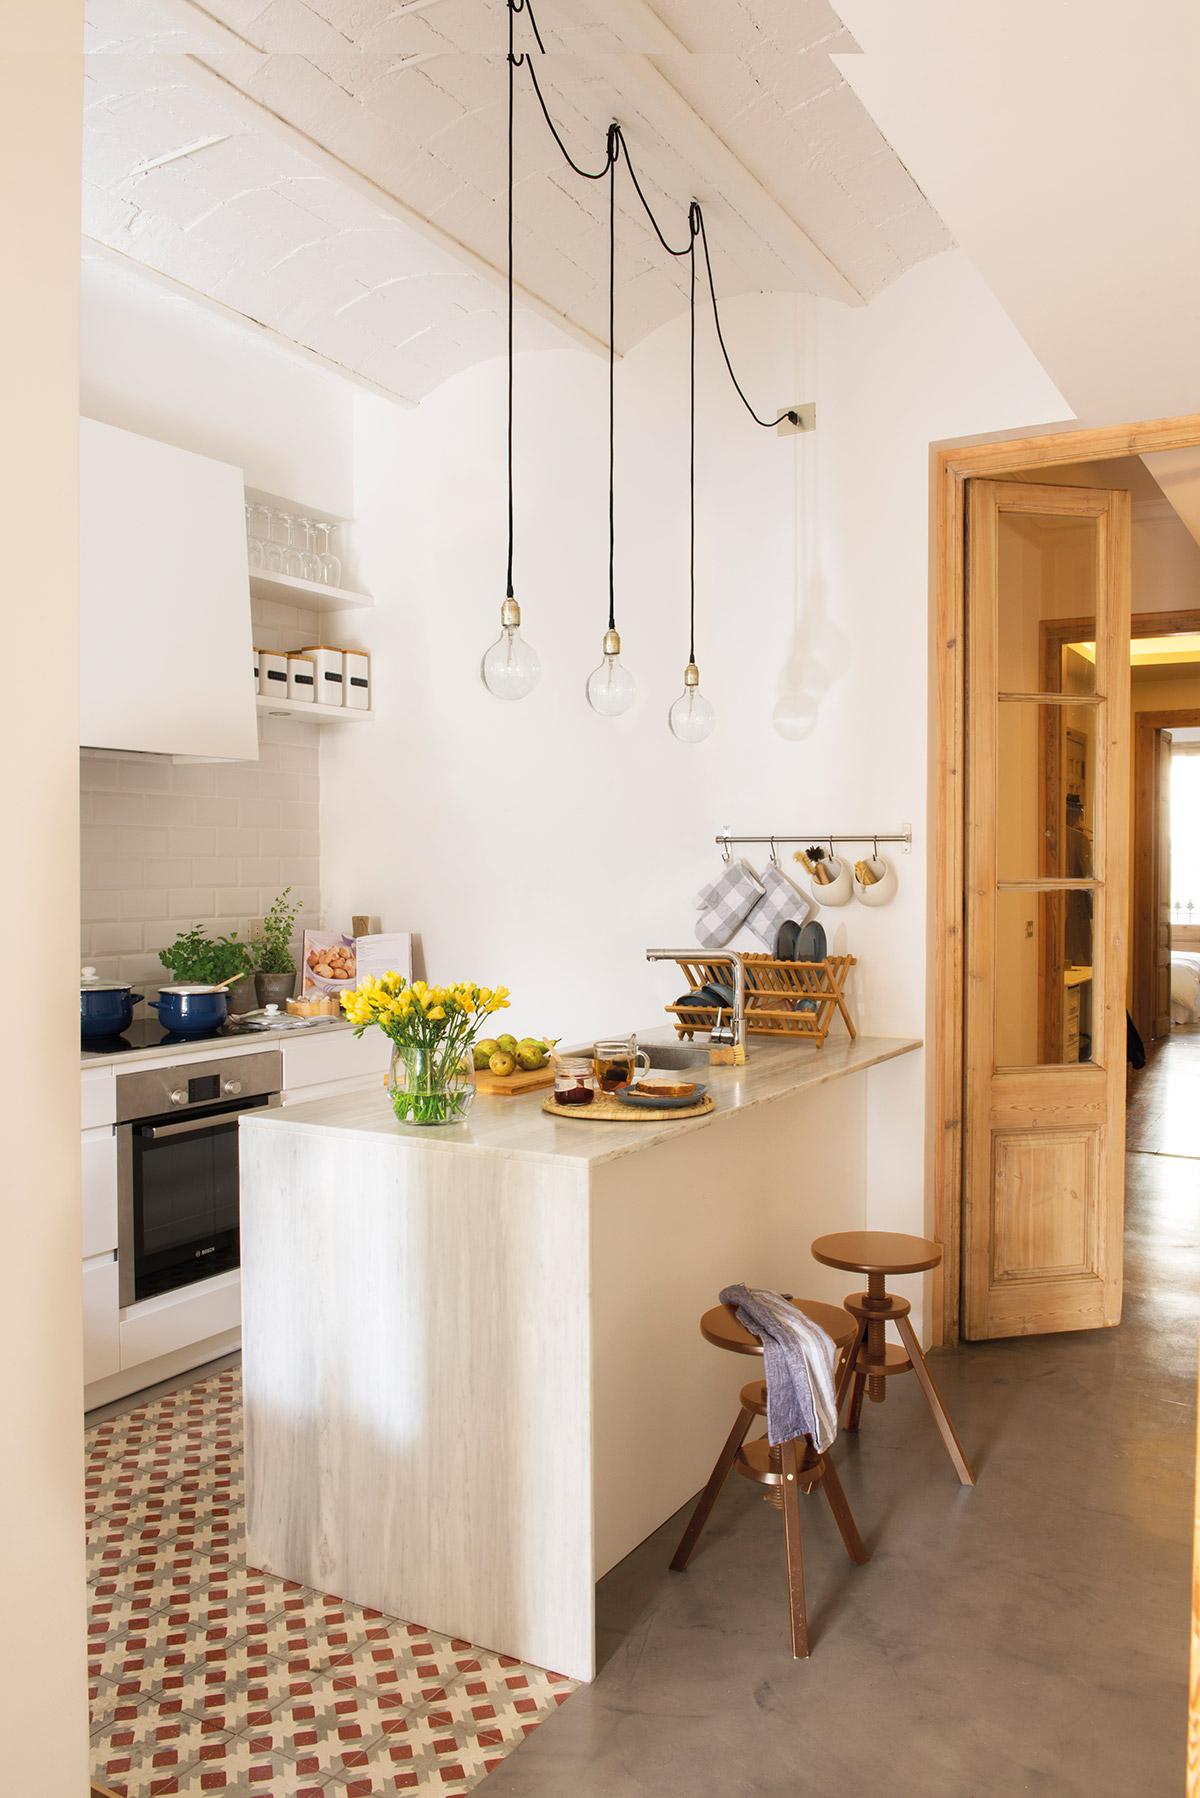 dise o de una cocina con barra de desayuno On barra de separacion con almacenamiento